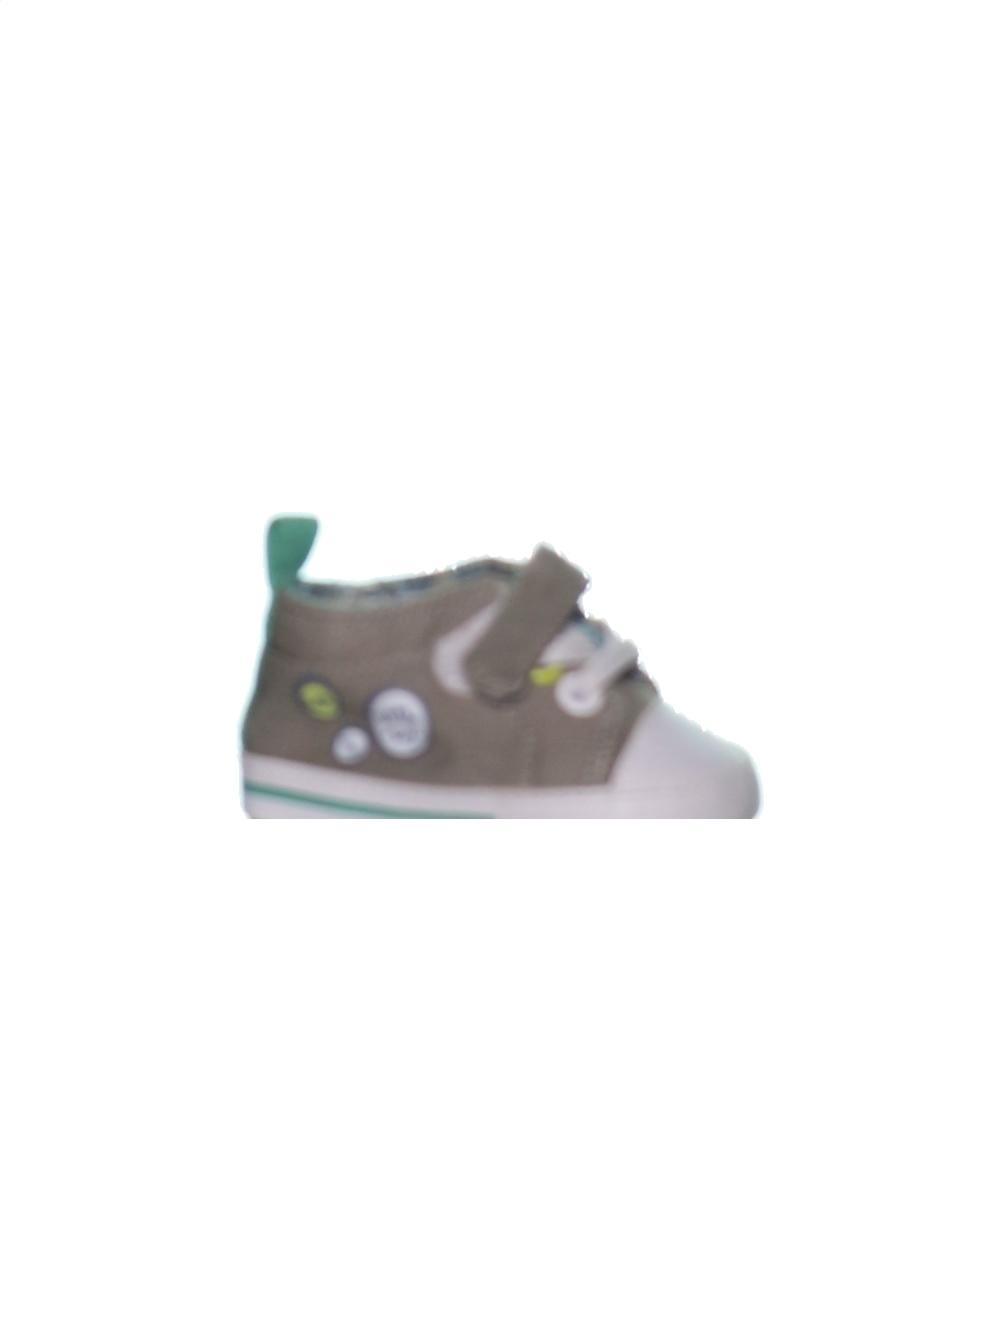 026c298eff91c Chaussures bebe gris GEMO du 3 mois pour Garcon - 1146866